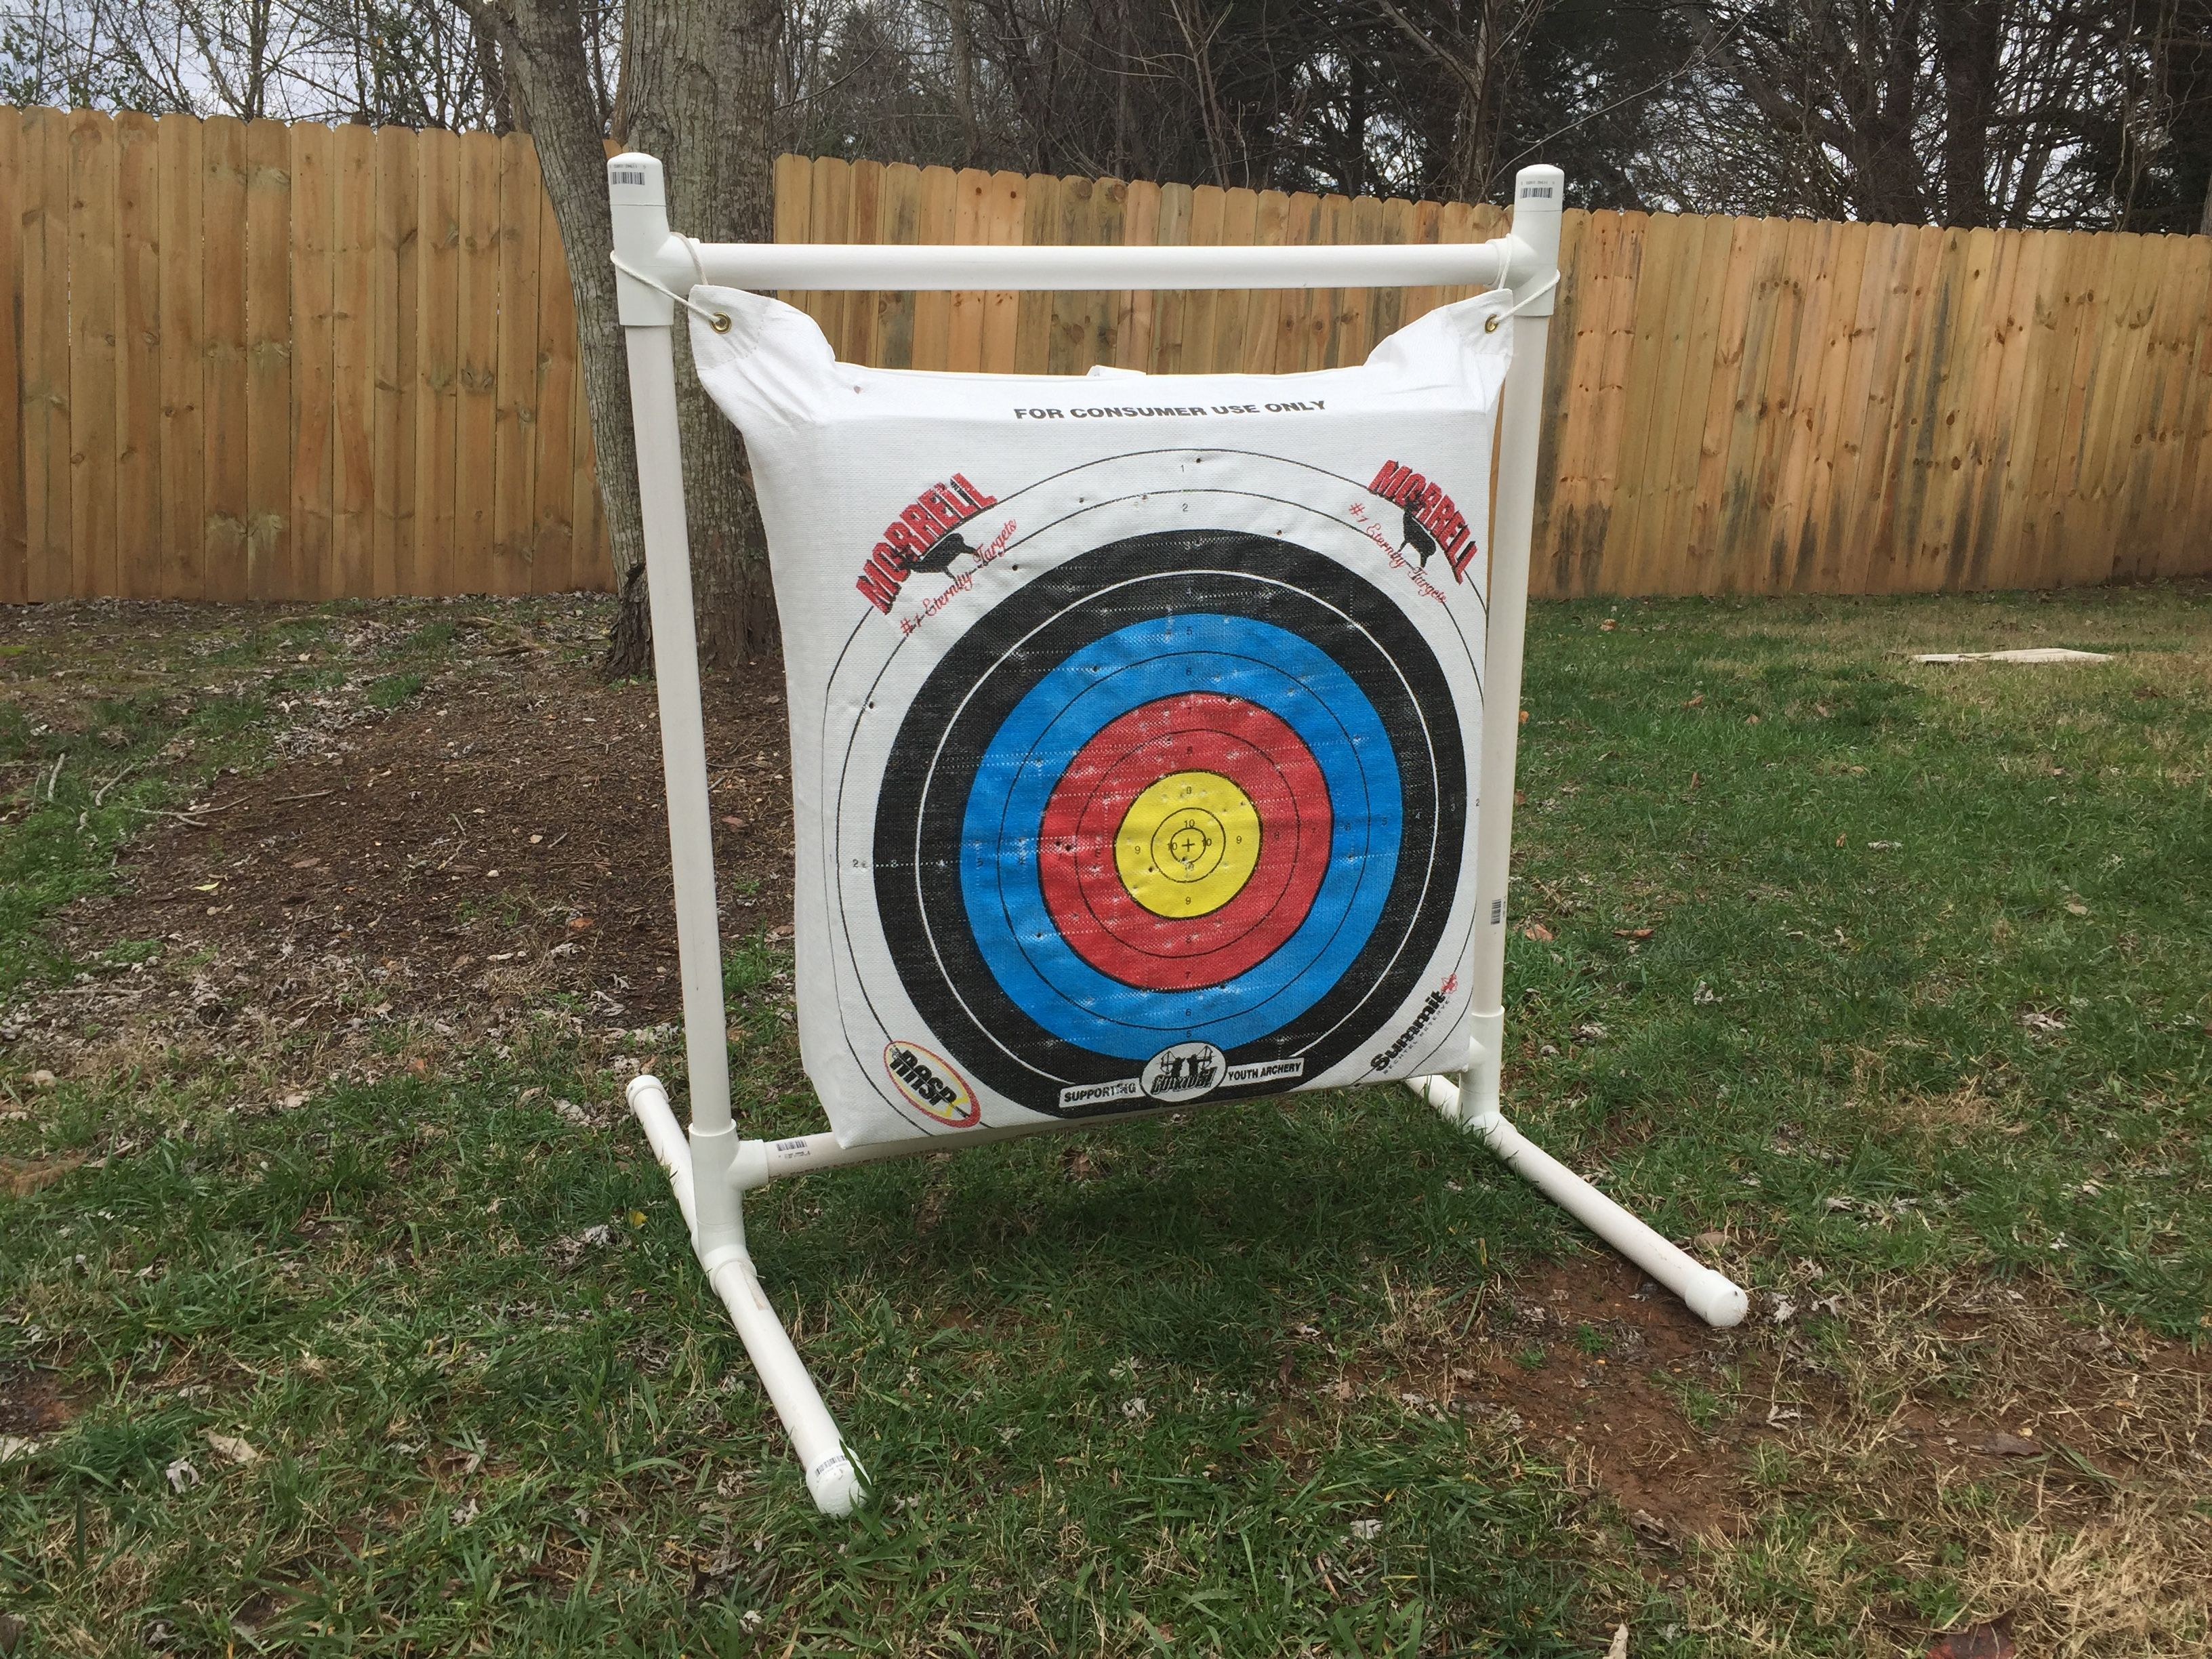 Blunt Arrows Backstop Archery Range Archery Bow Target